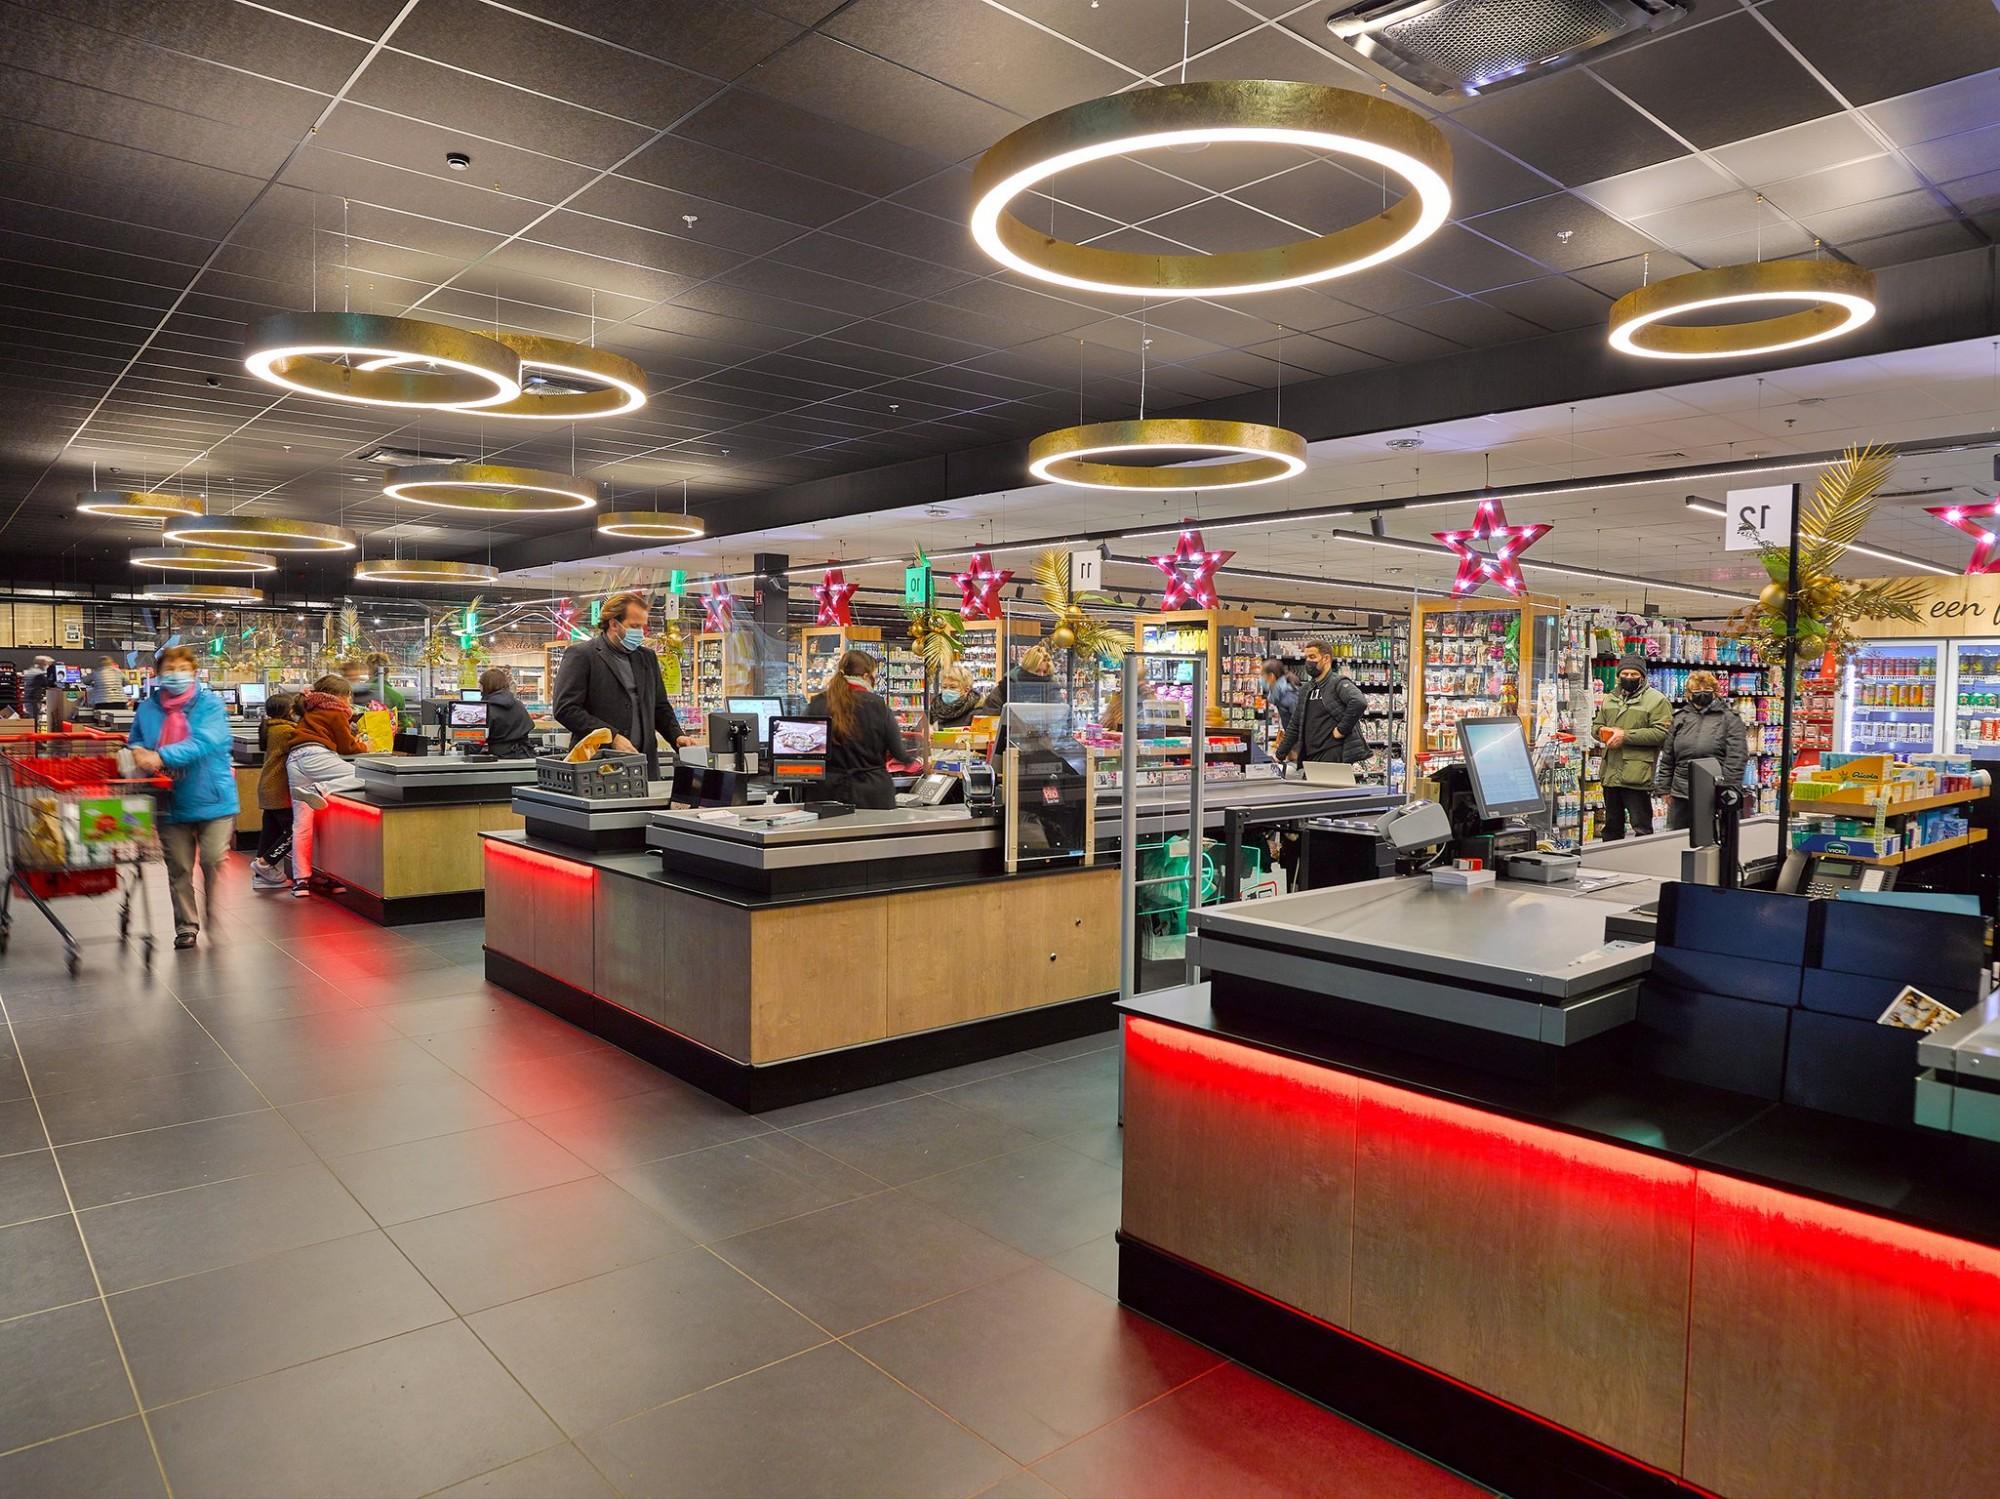 Afbeelding: Winkel inrichting voor © totaal projecten Vergalle, fotografie foto Van Huffel